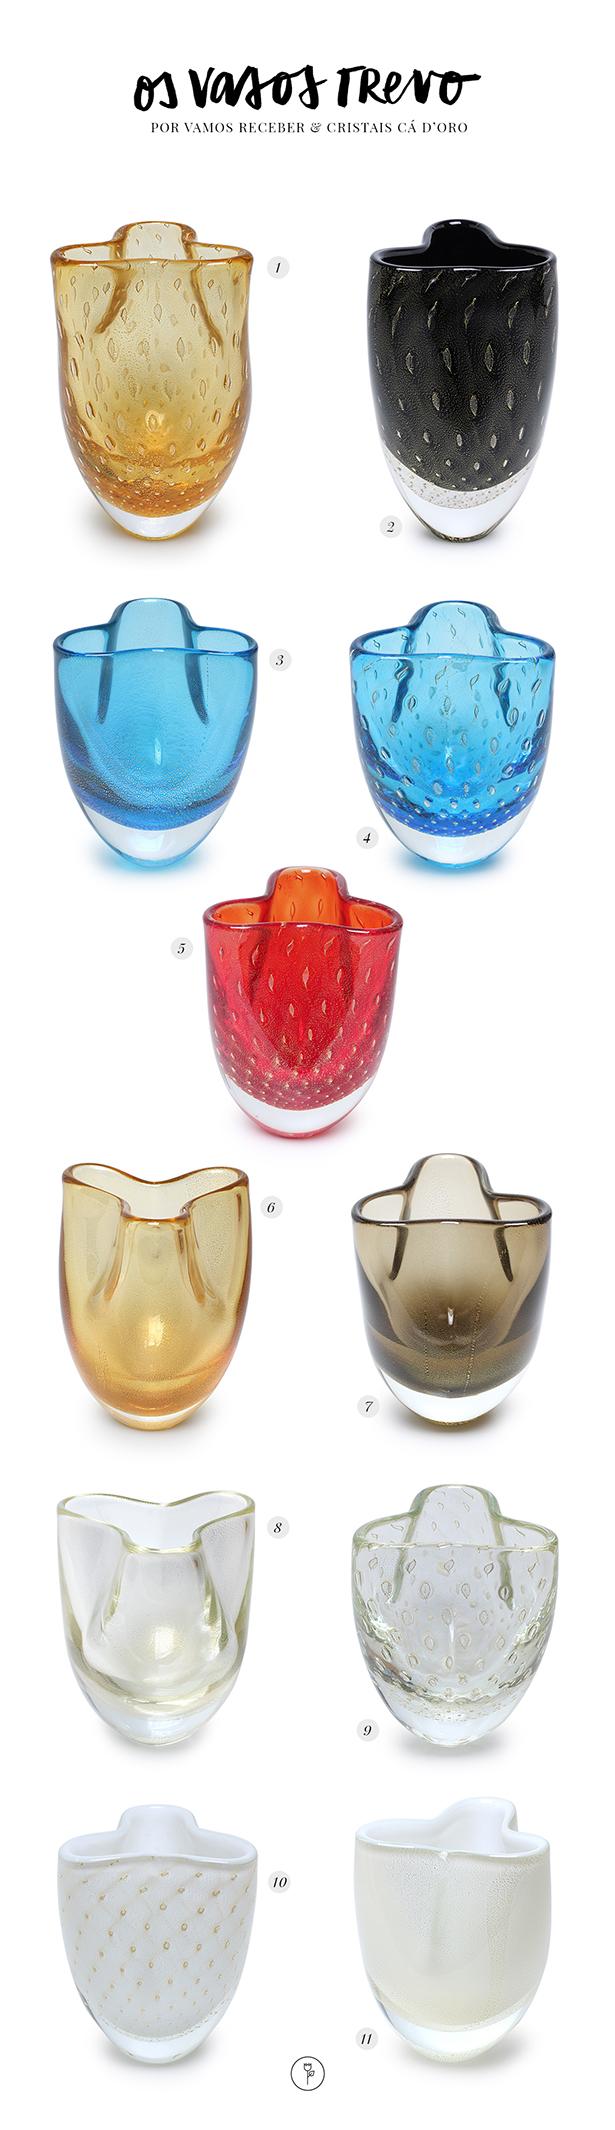 vasos de cristal trevo